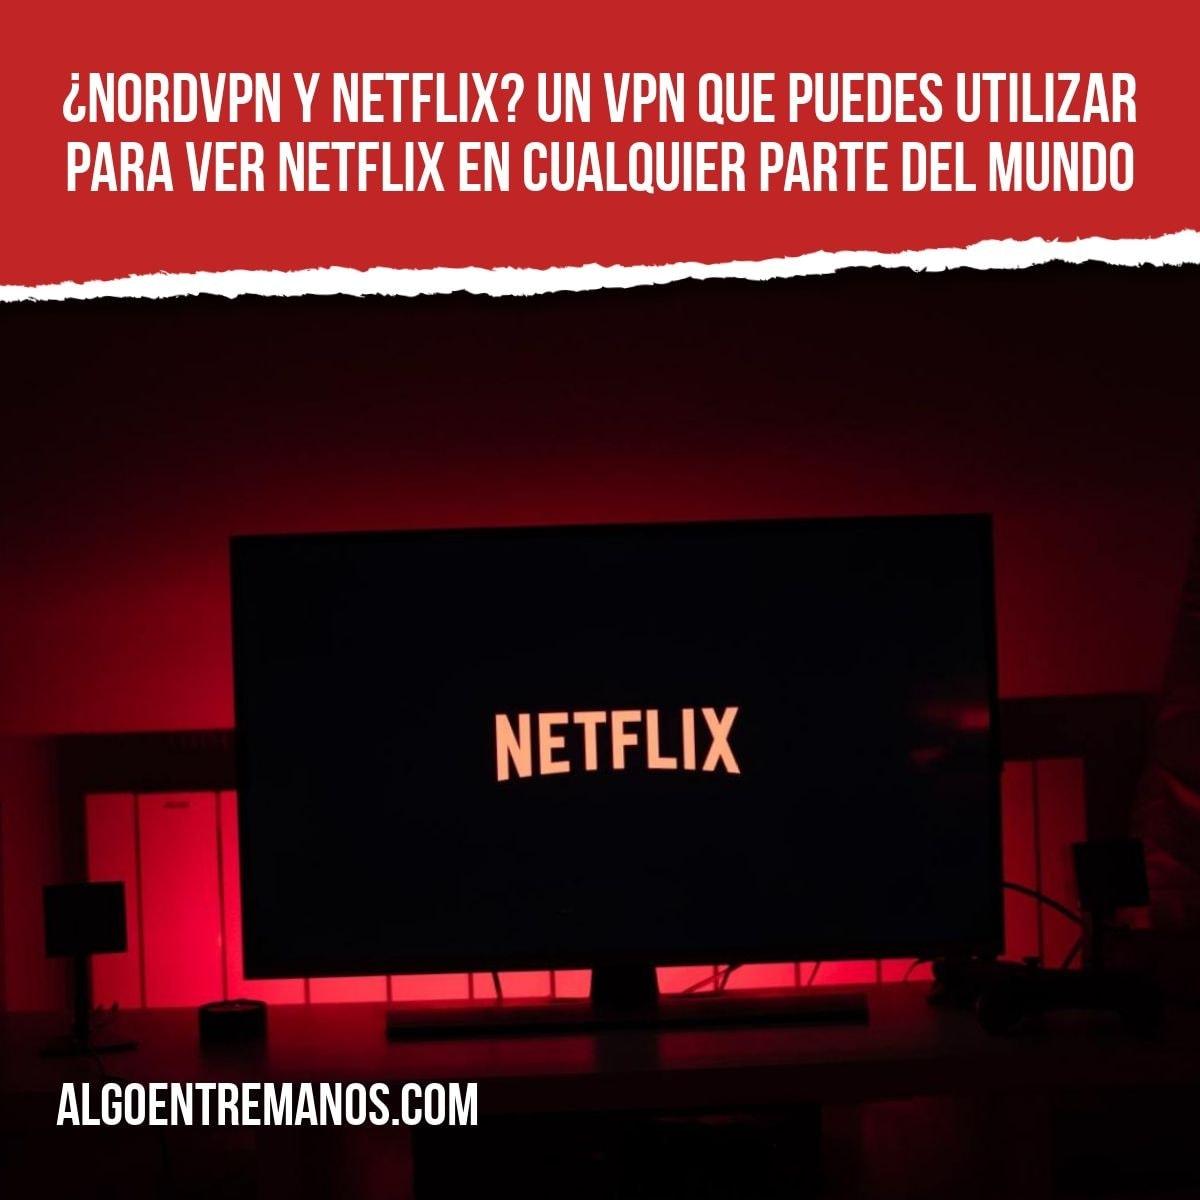 ¿NordVPN y Netflix? Un VPN que puedes utilizar para ver Netflix en cualquier parte del mundo